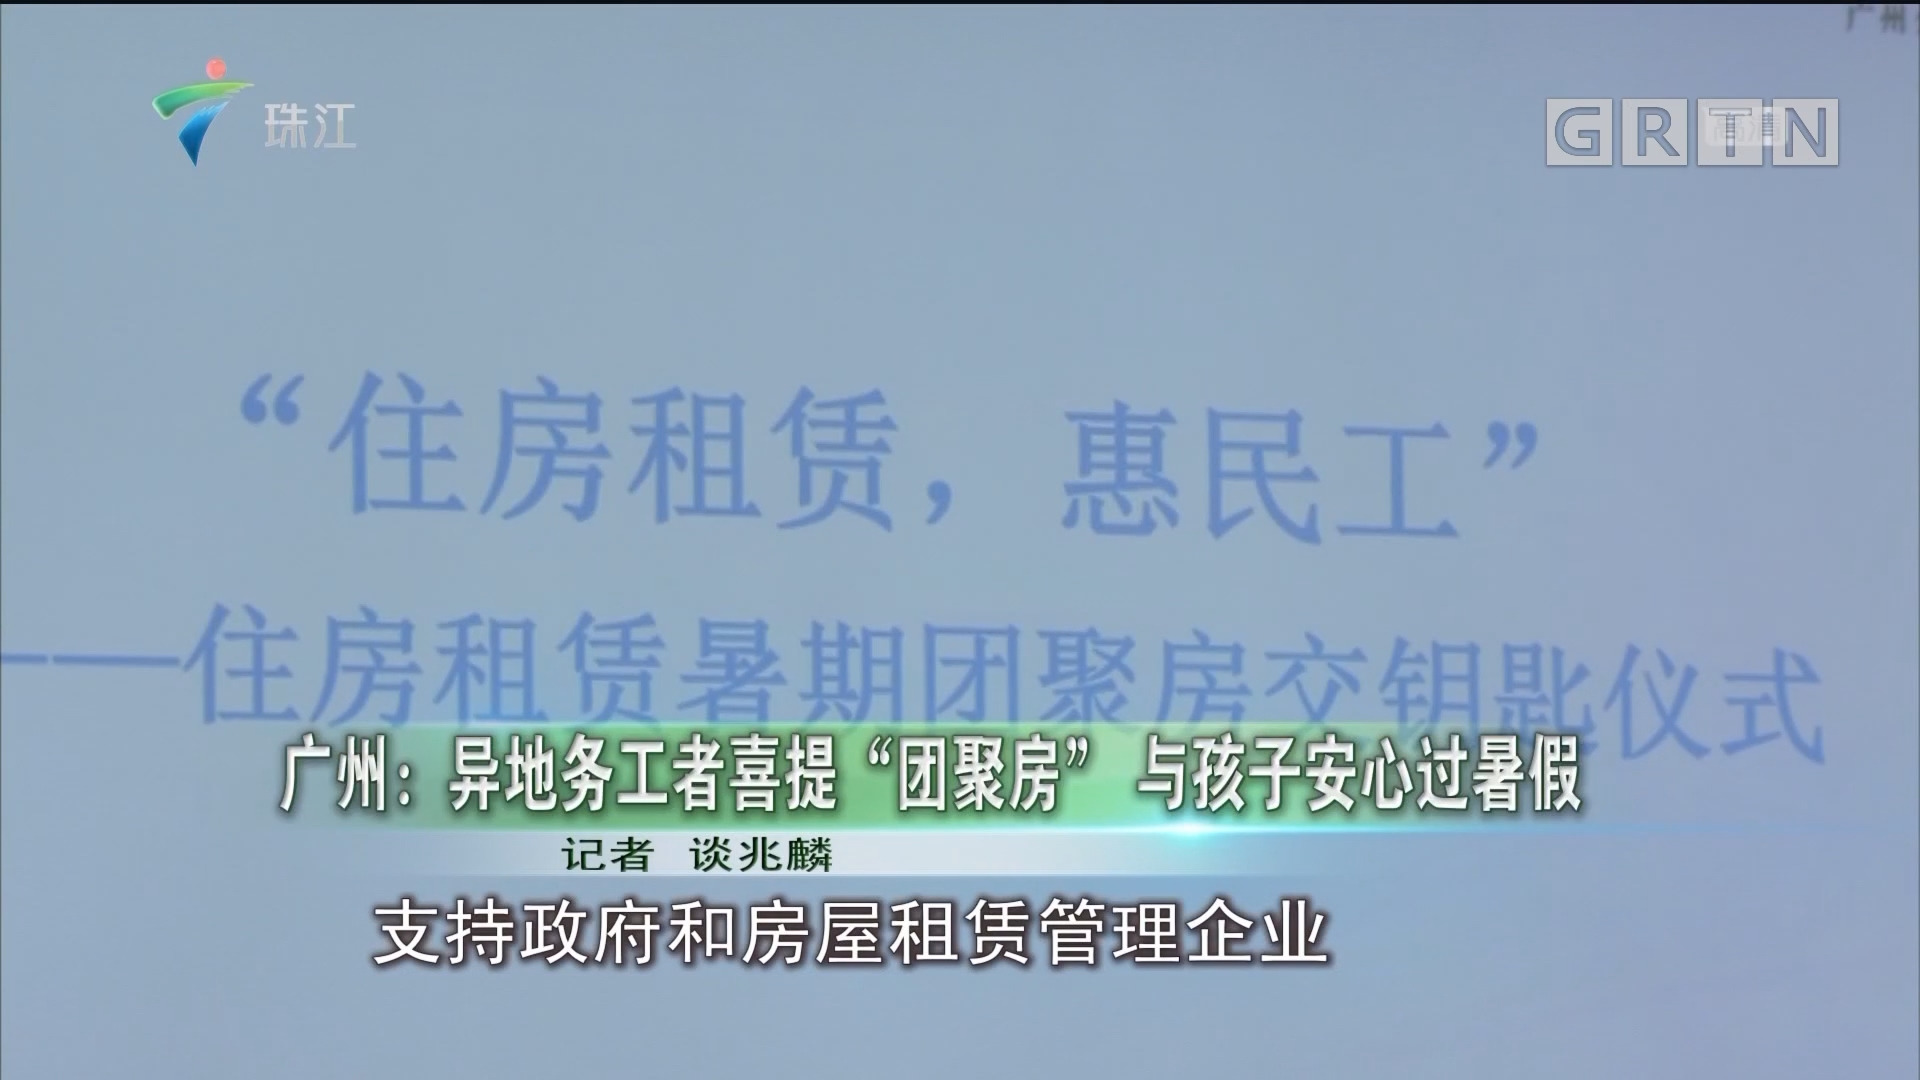 """广州:异地务工者喜提""""团聚房"""" 与孩子安心过暑假"""